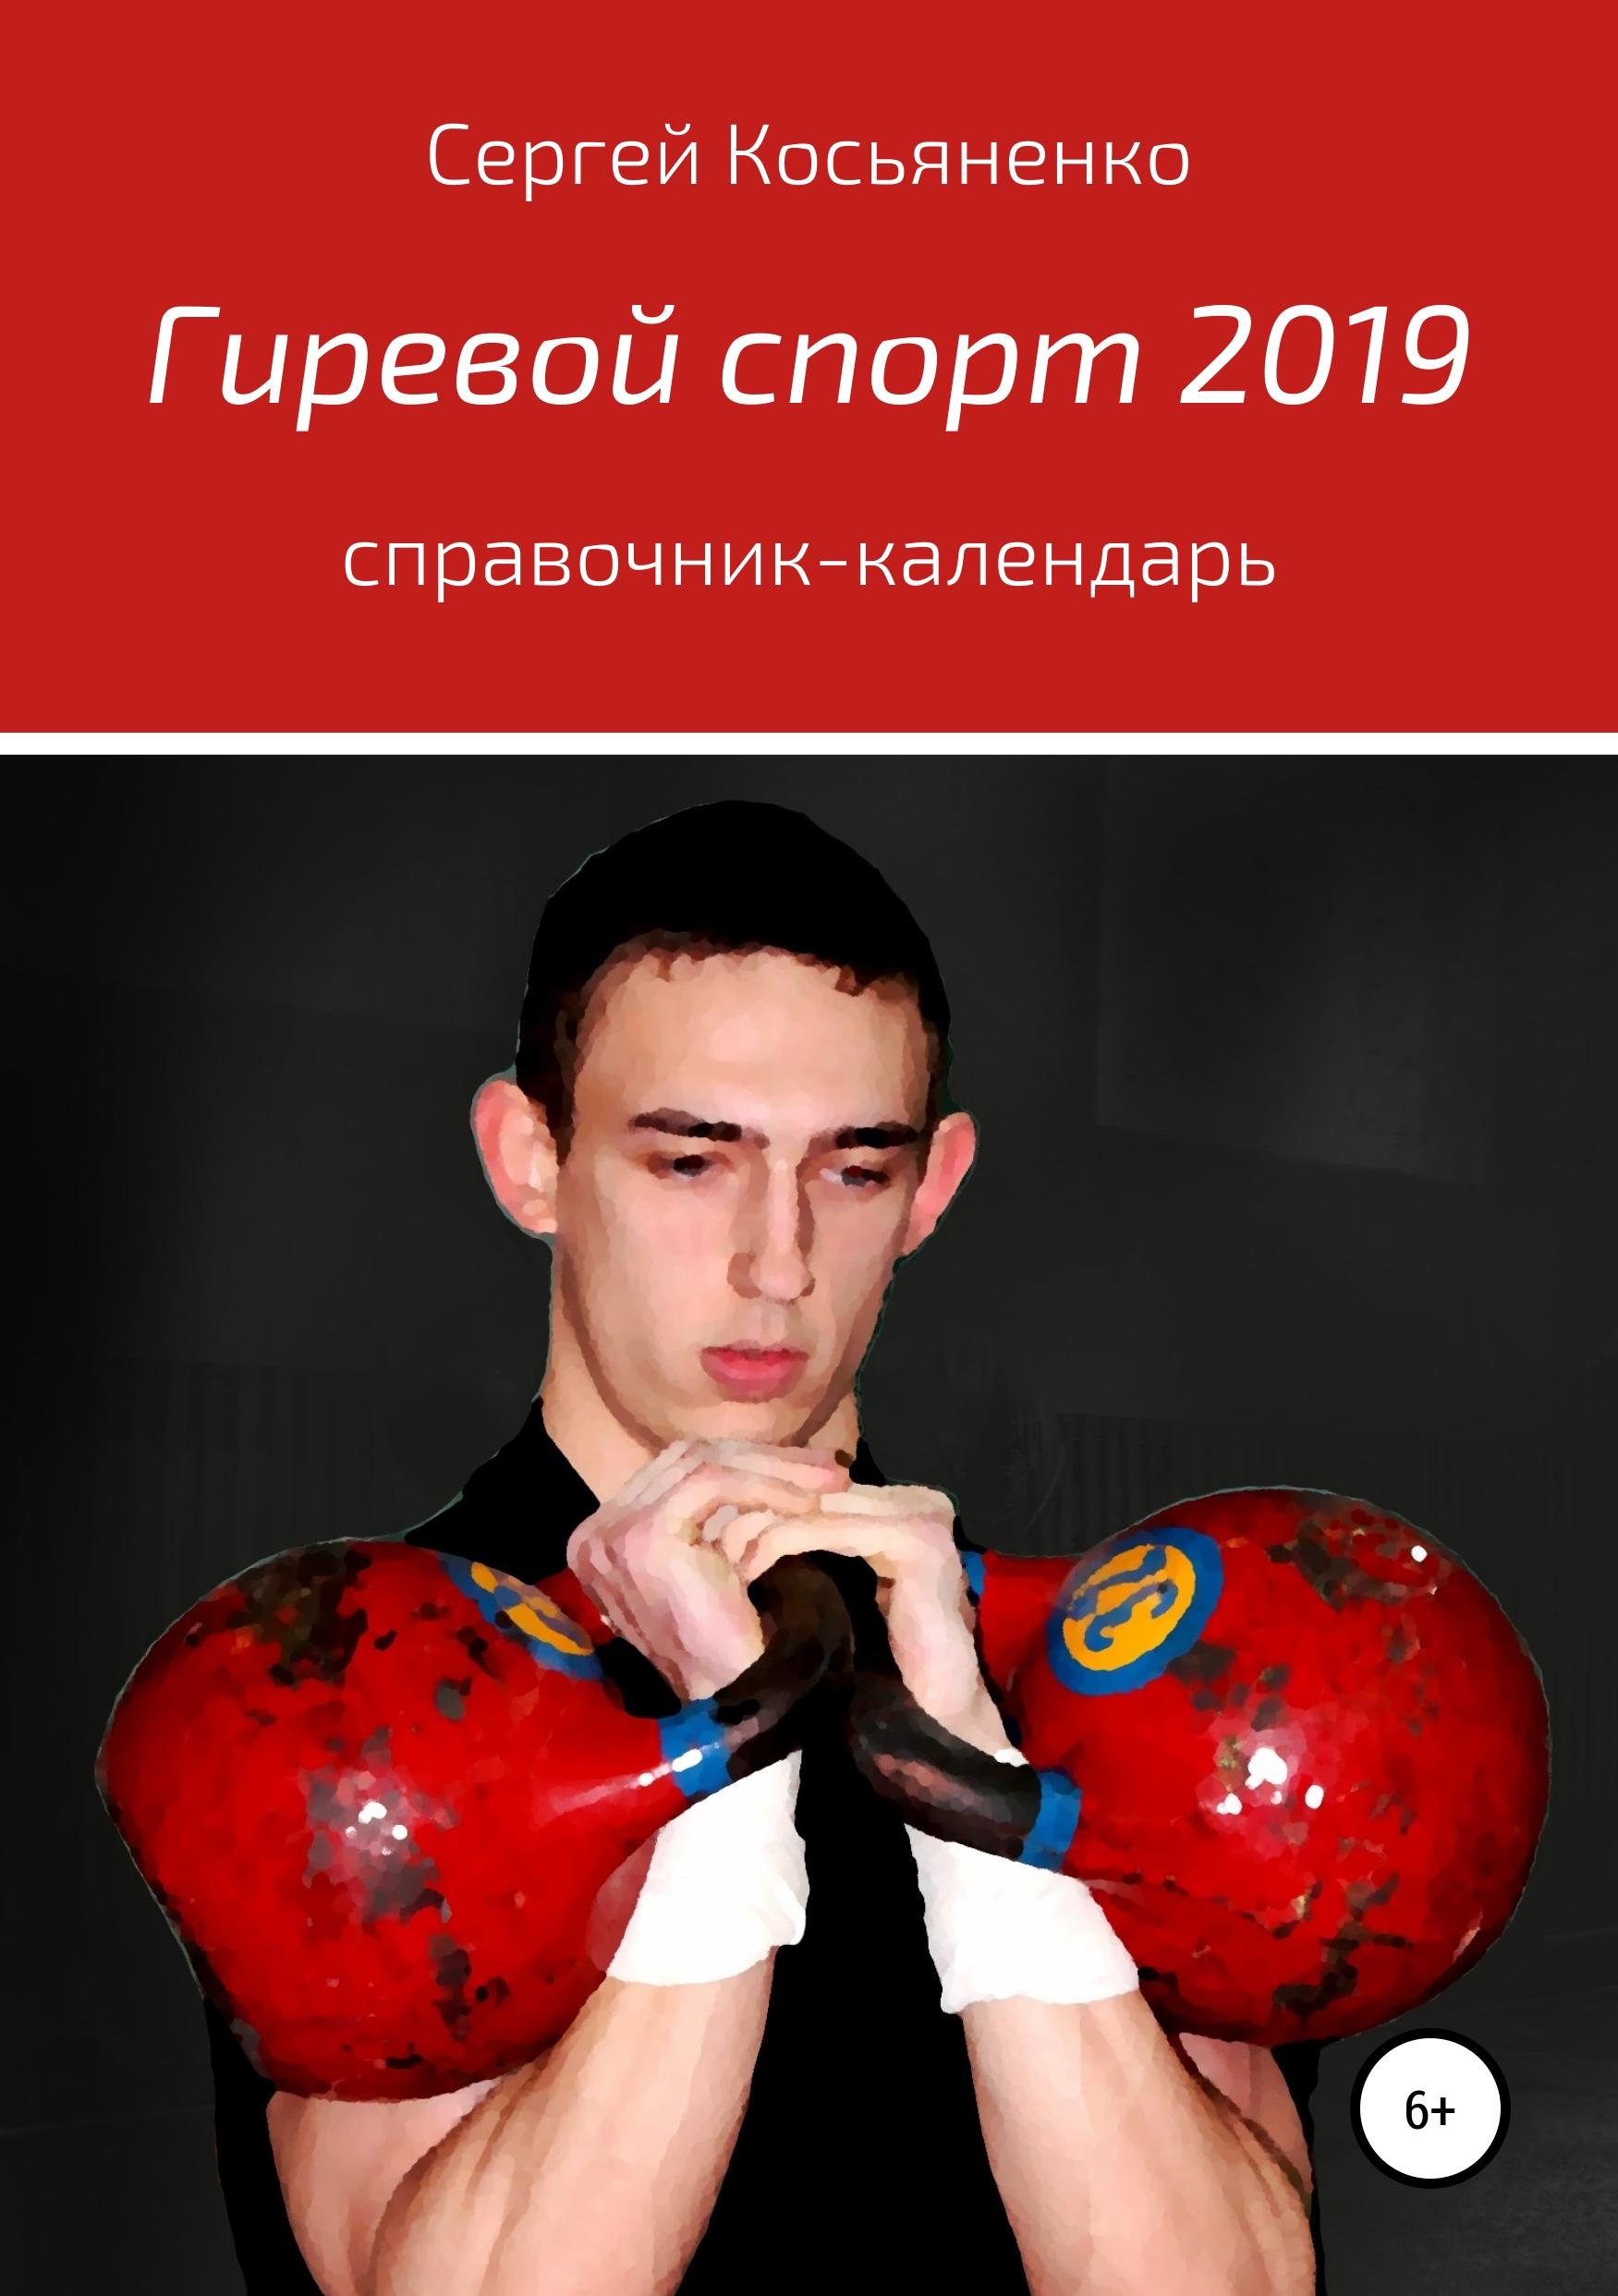 Сергей Иванович Косьяненко Гиревой спорт 2019 мужская одежда для спорта